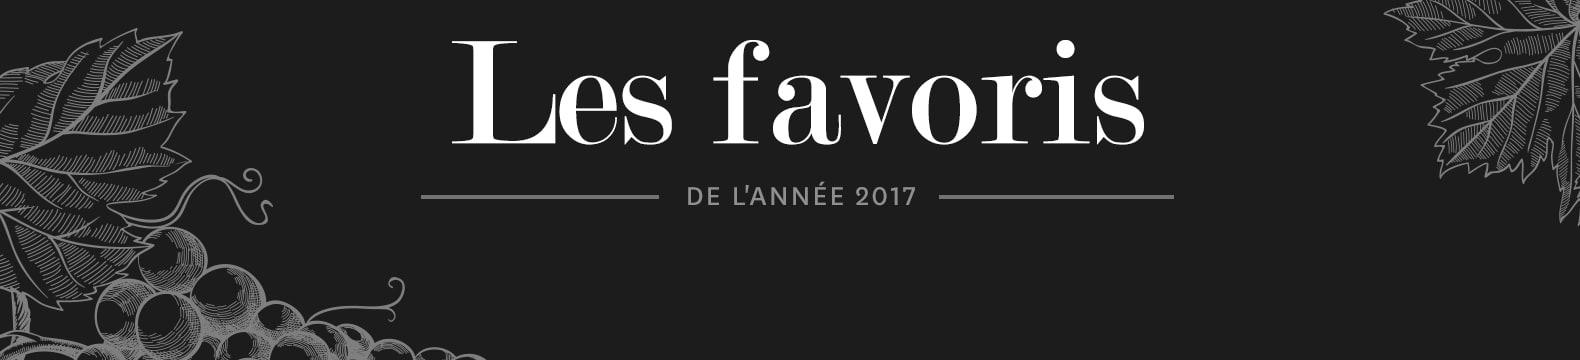 Les Favoris de 2017